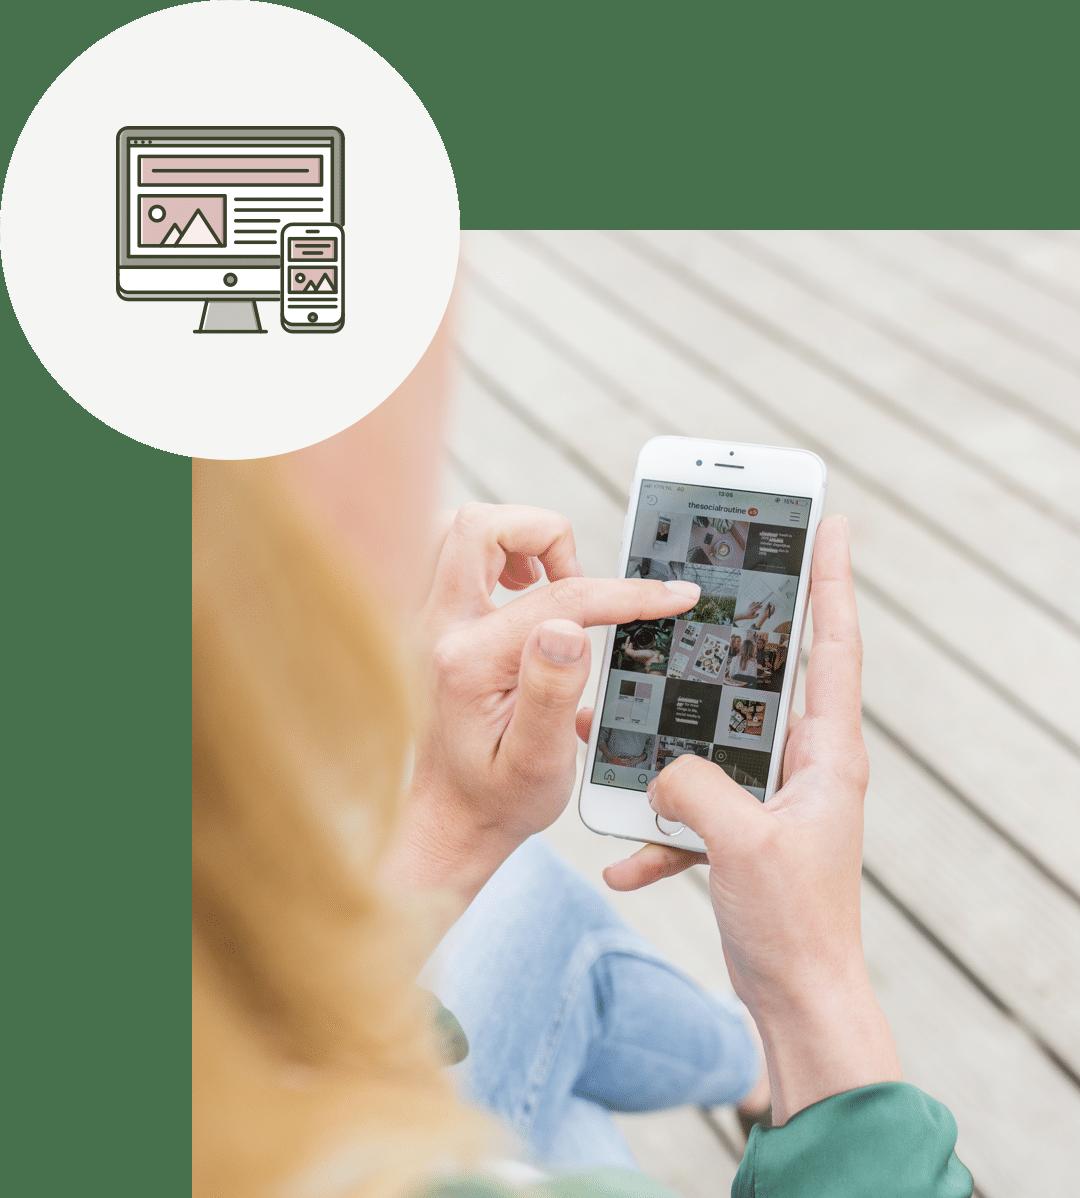 Diensten – social media beheer